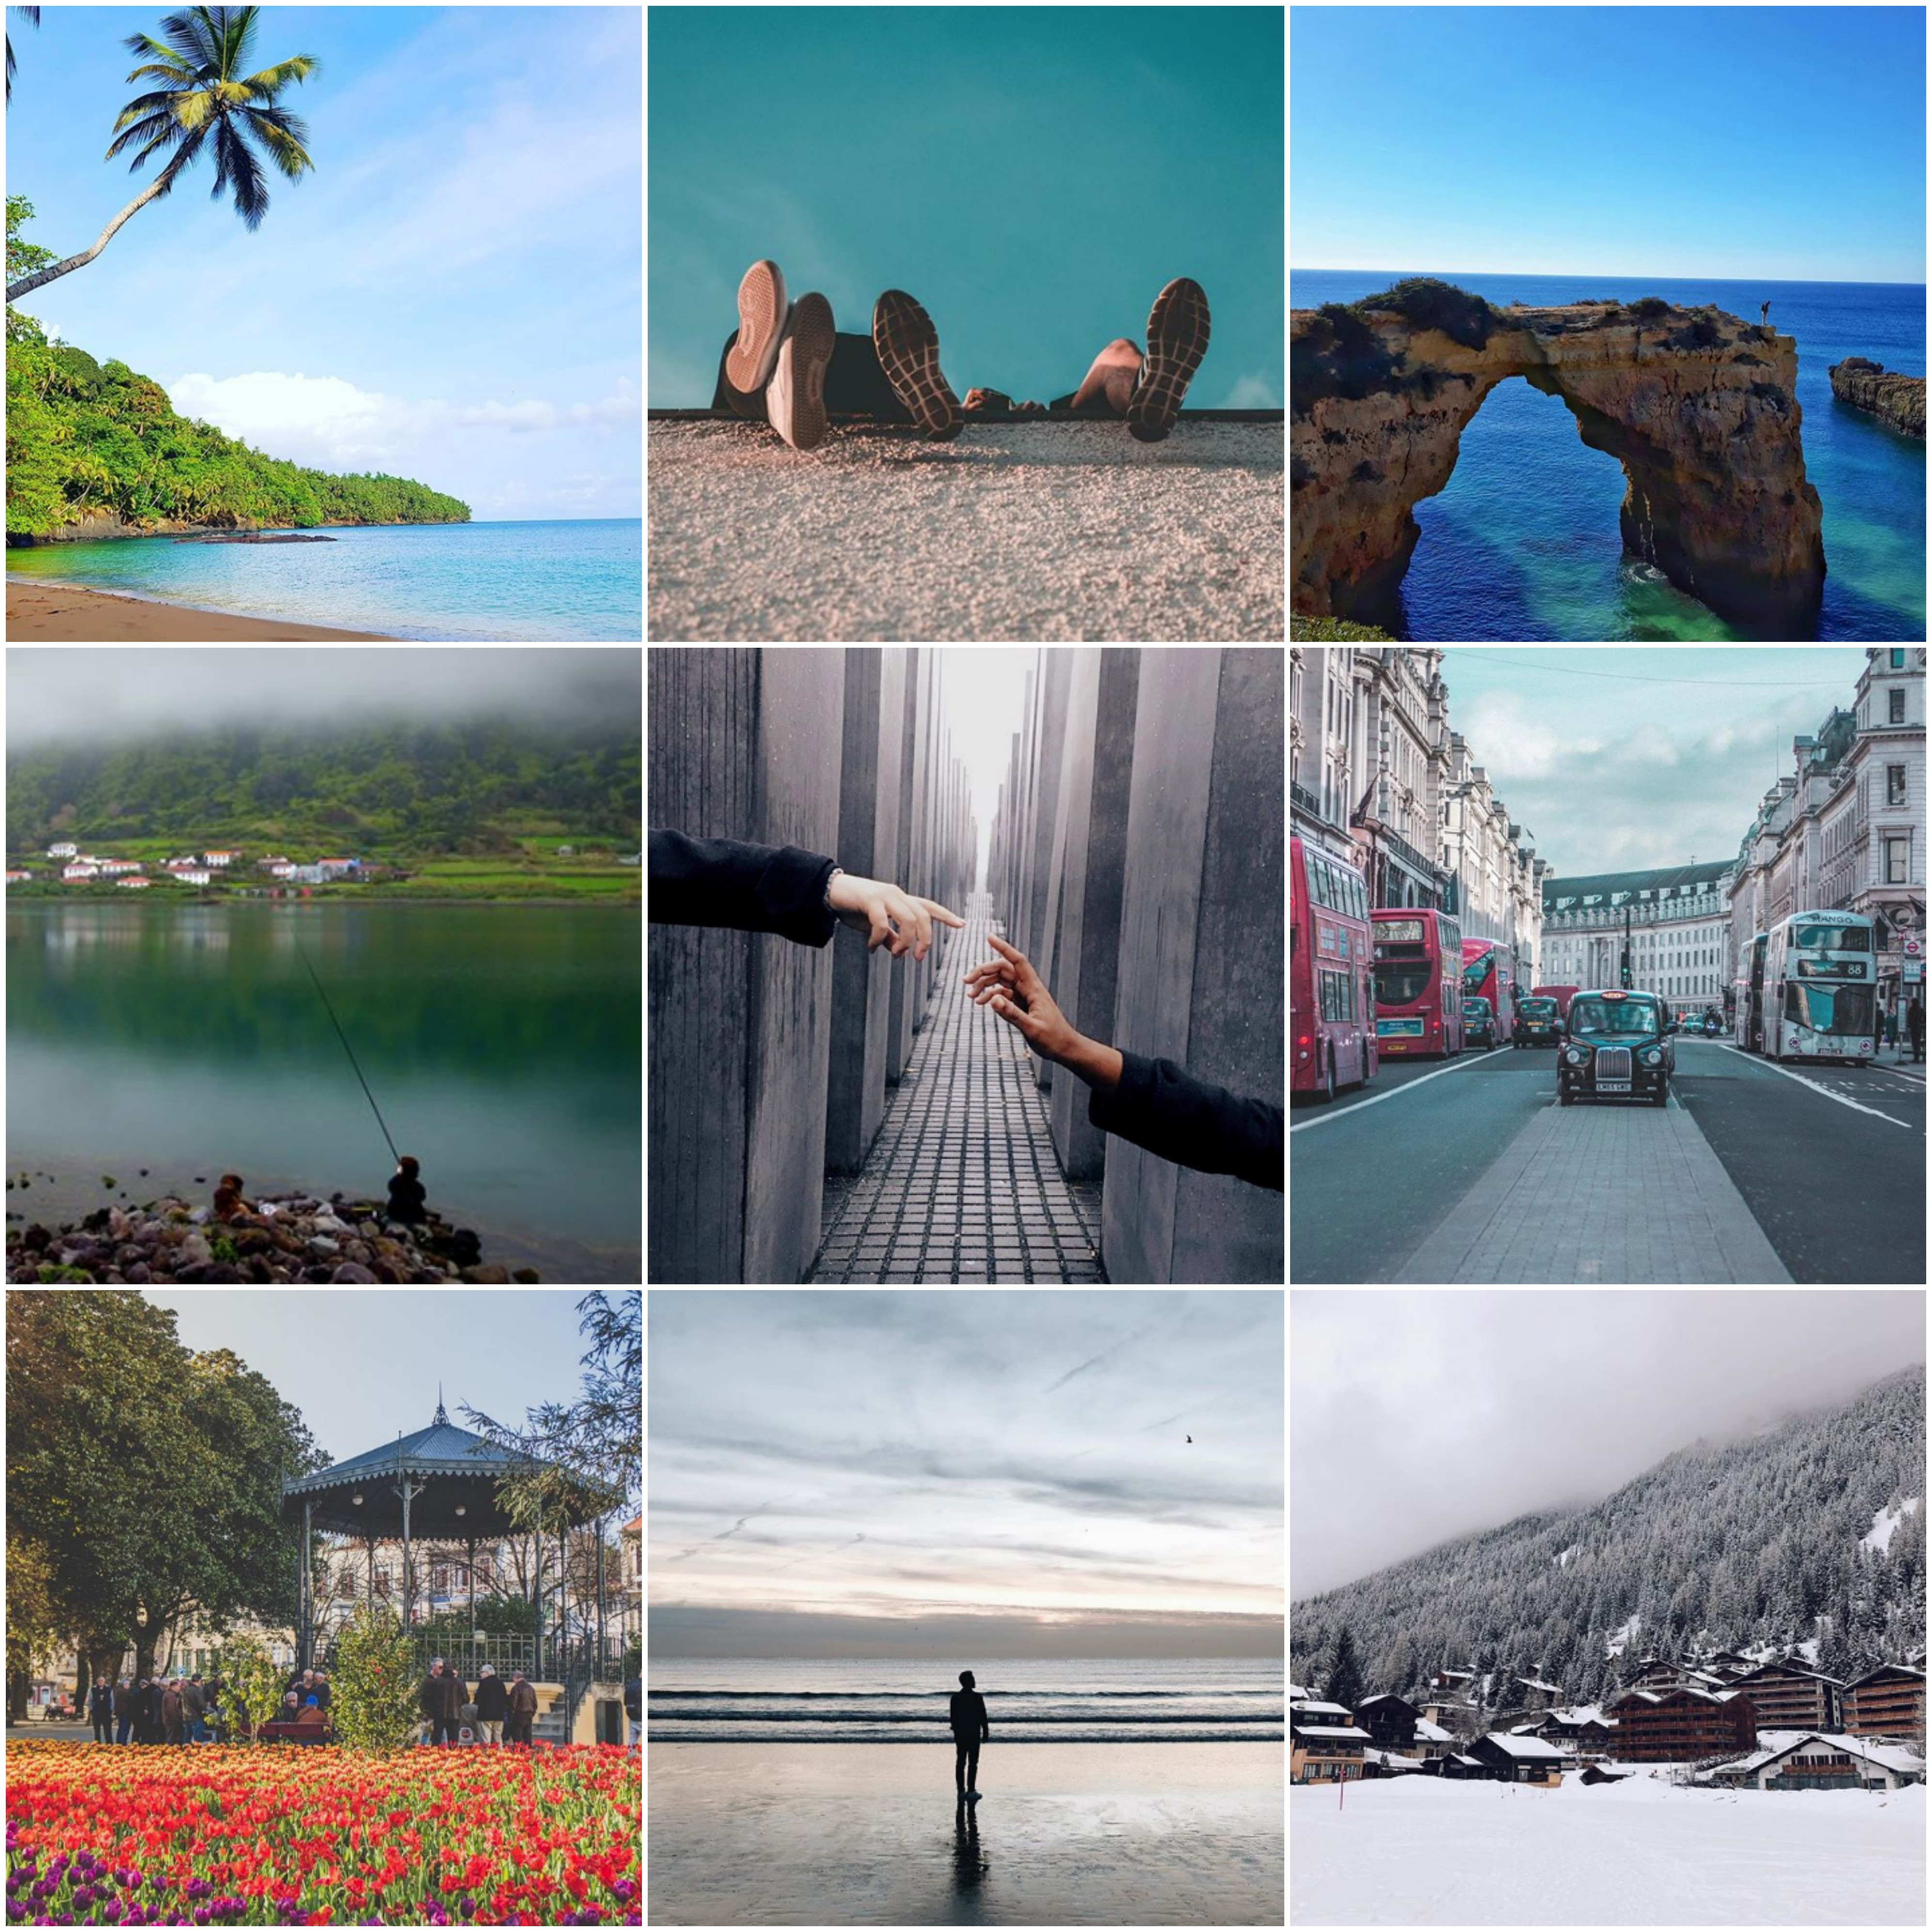 Viagens de Instagram: A primavera chegou. Vamos viajar?